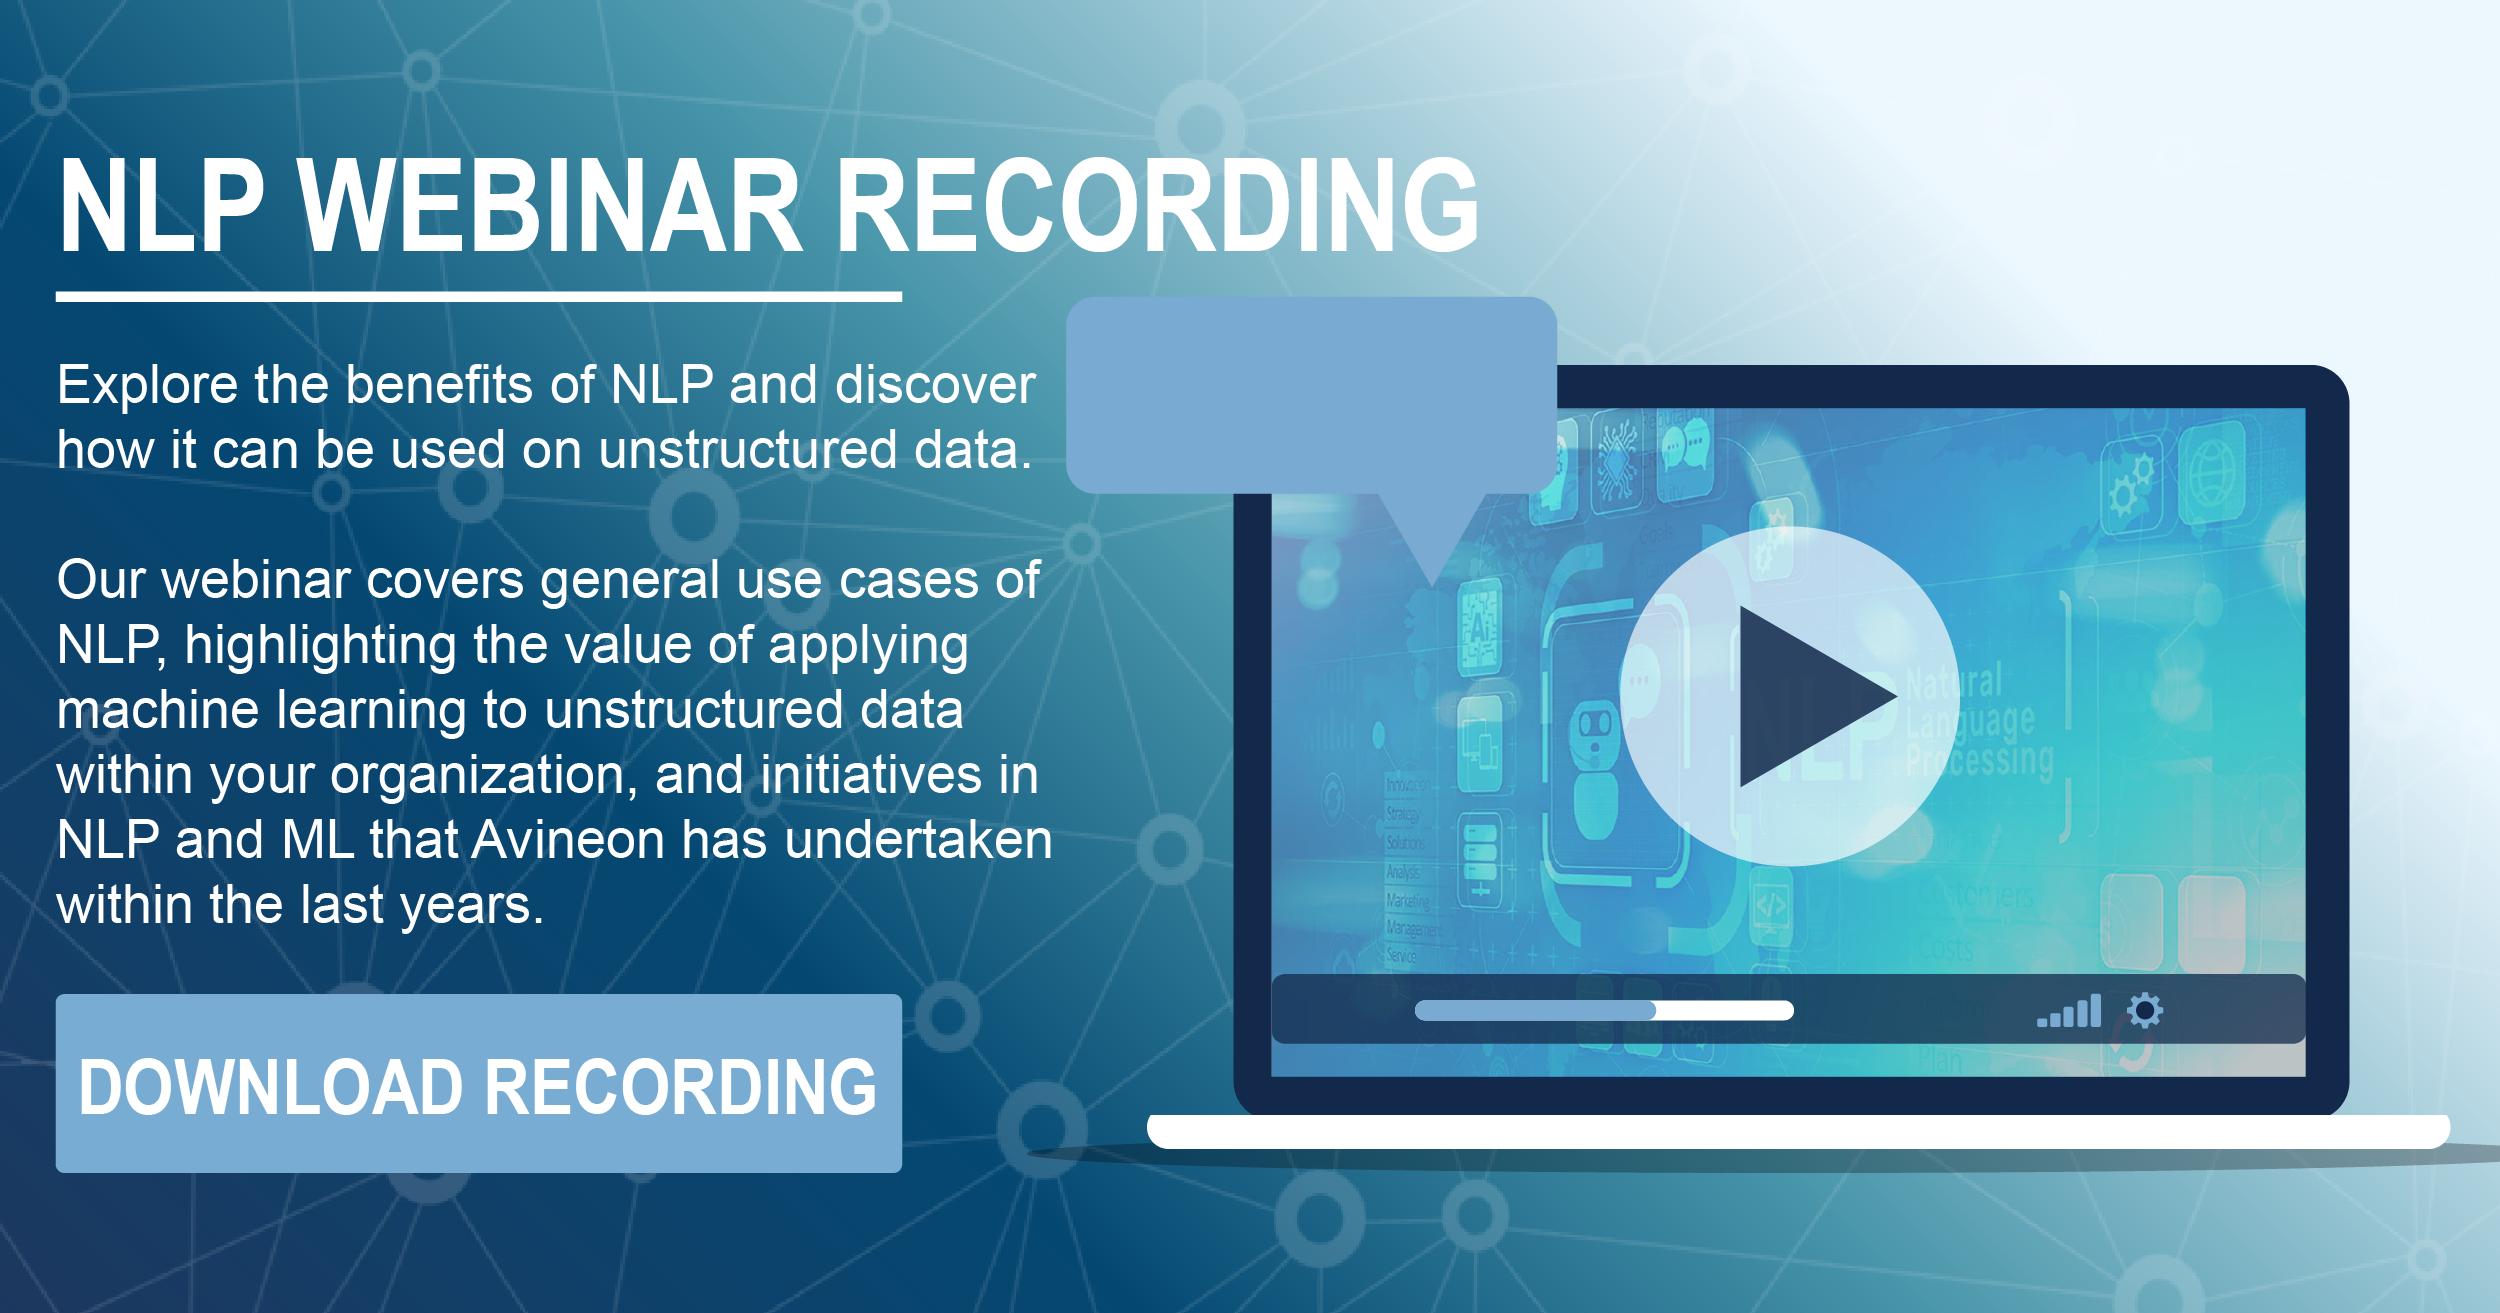 NLP Webinar Recording_Website Visual_Tekengebied 1